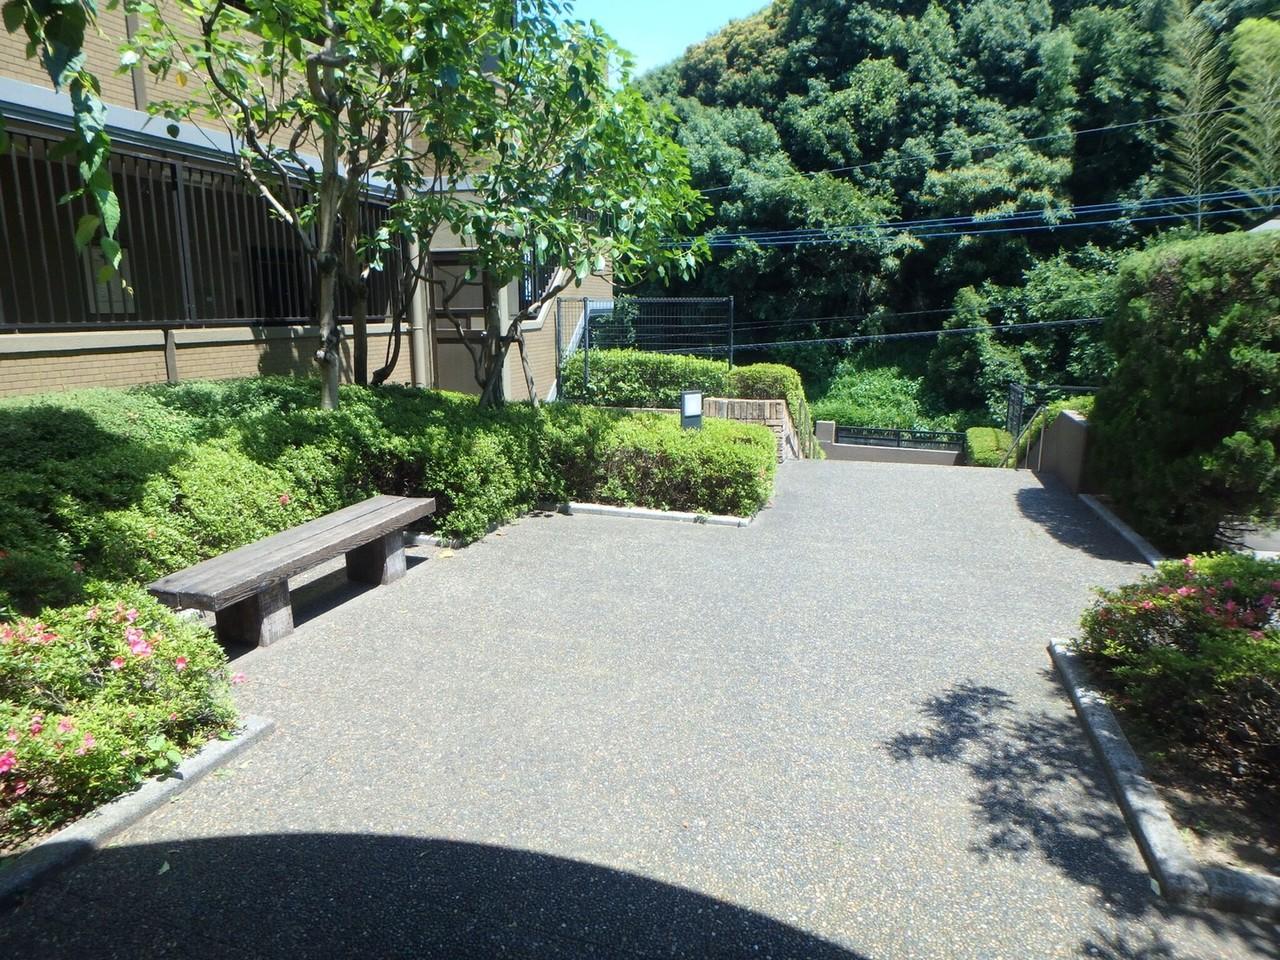 建物の敷地内には、こんな緑の団欒スペースがあります。 マンションに住んでいながら、お庭のようなスペース。ちょっとしたひと時にいいですね。